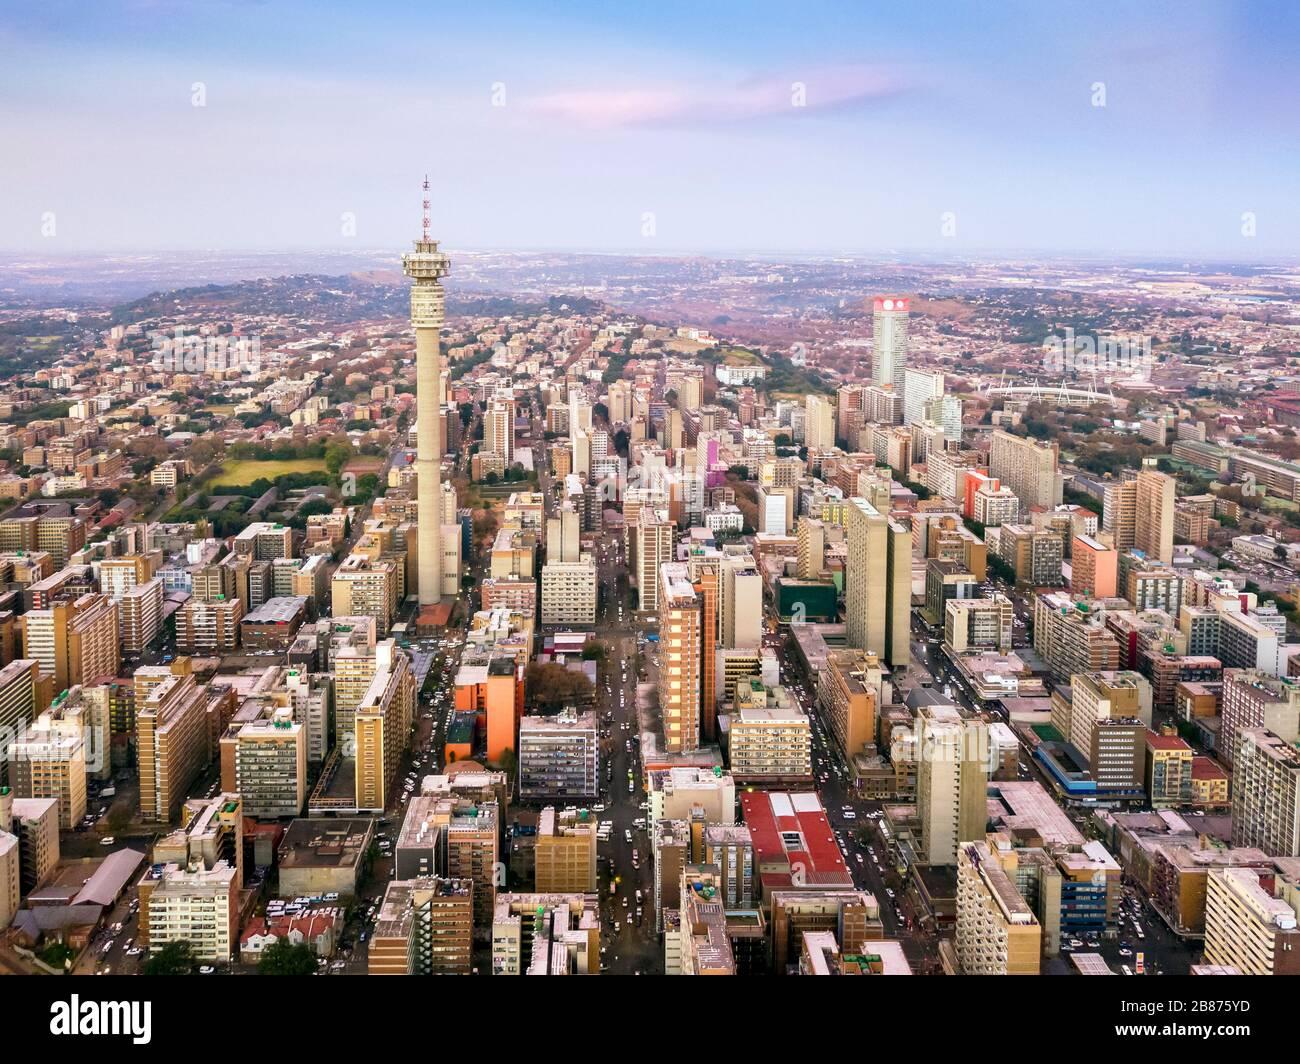 Architecture du centre-ville de Johannesburg, Afrique du Sud Banque D'Images